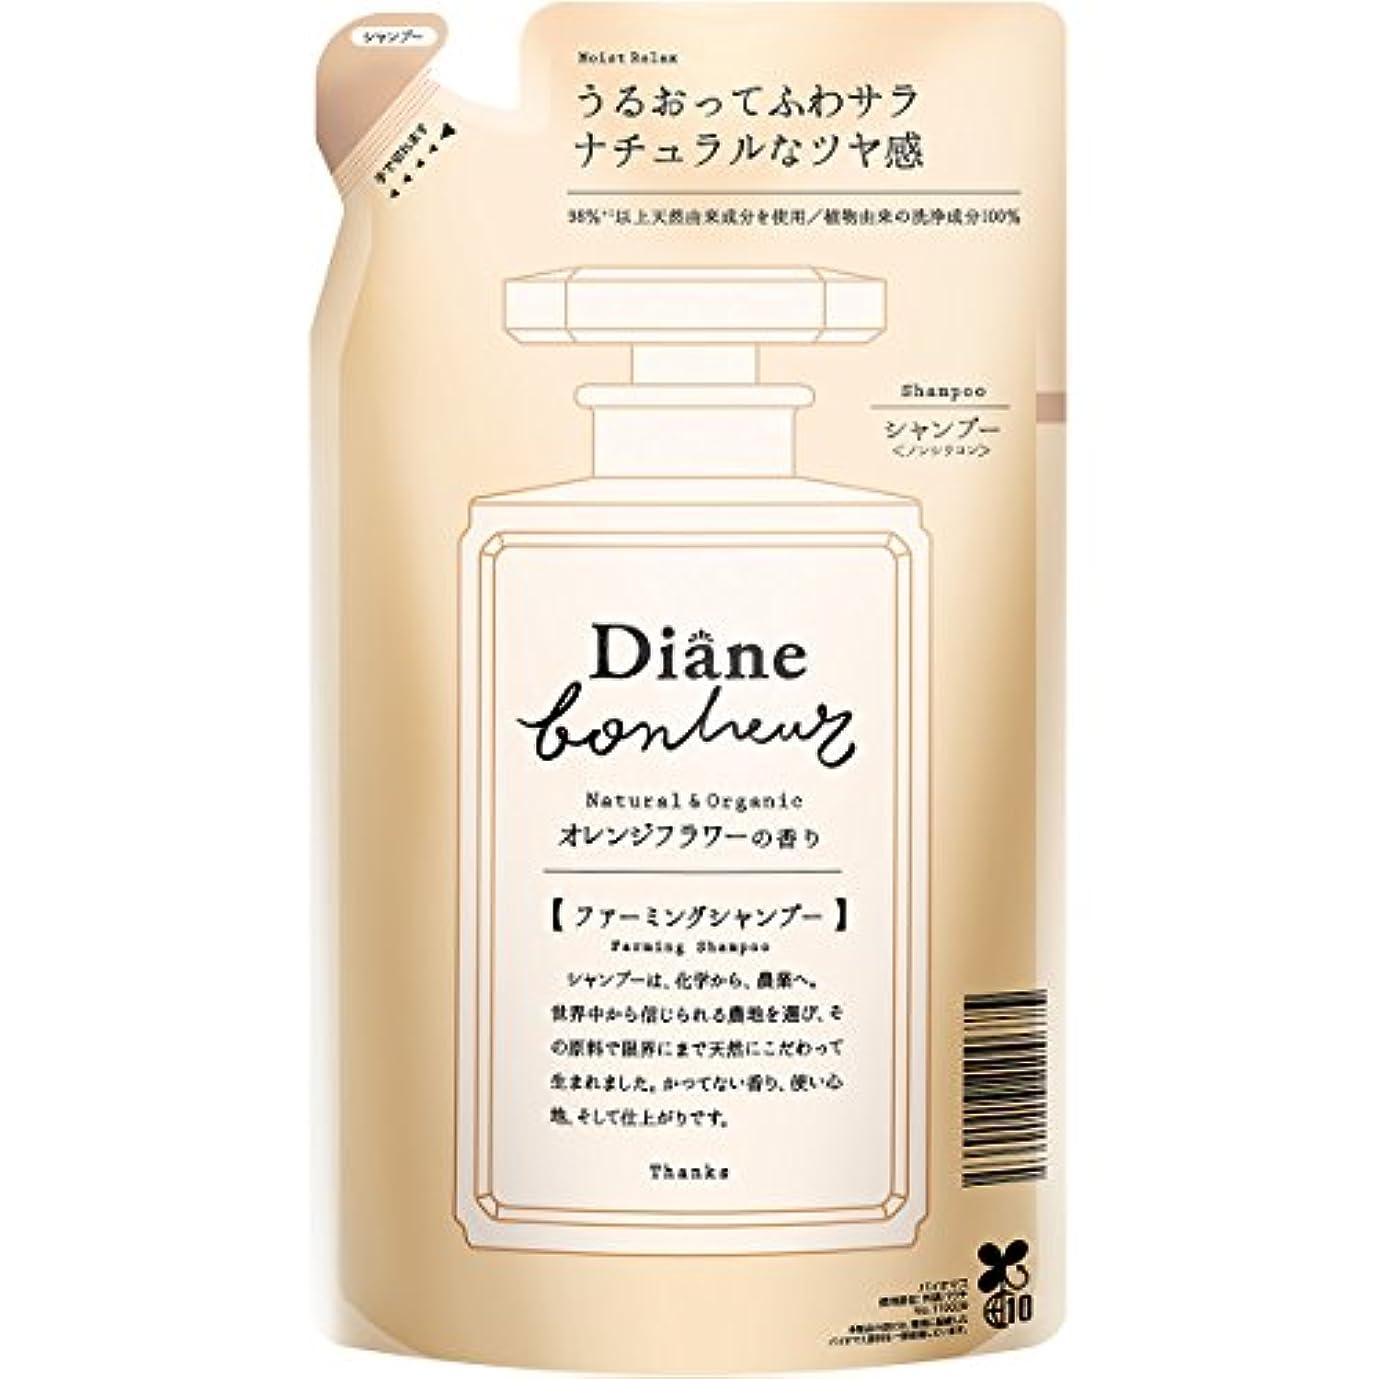 ただやるアッパー目に見えるダイアン ボヌール オレンジフラワーの香り モイストリラックス シャンプー 詰め替え 400ml